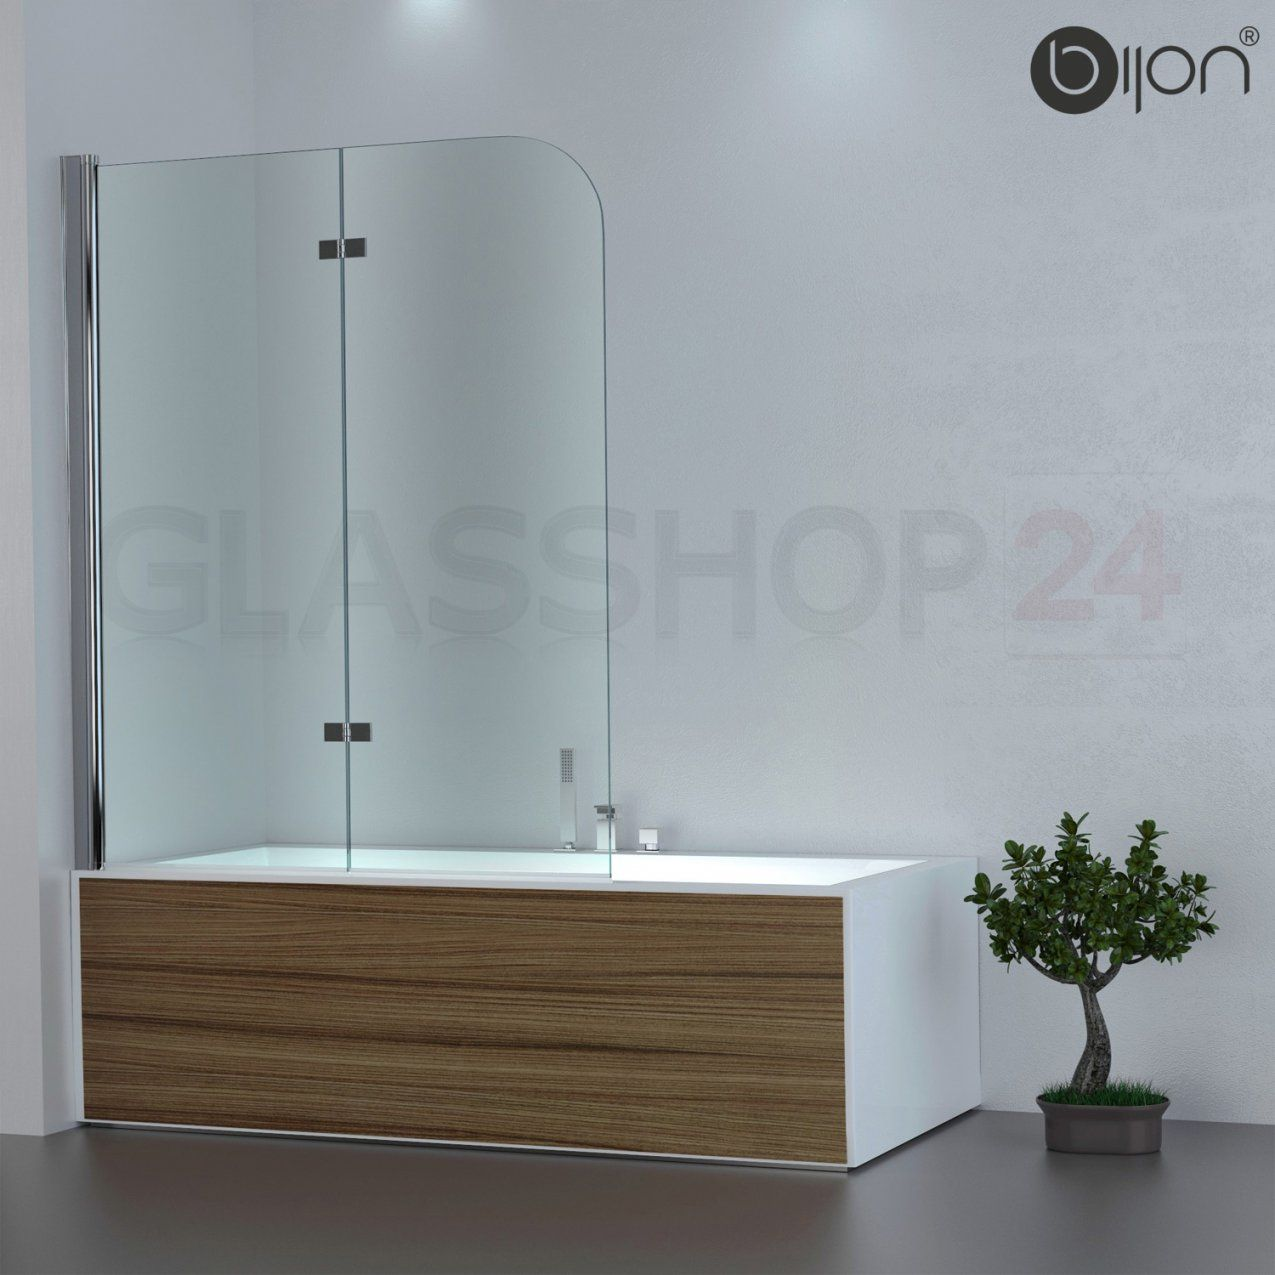 Badewannen Duschabtrennung Badewannenaufsatz Faltwand Glas Duschwand von Duschwand Glas Für Badewanne Bild